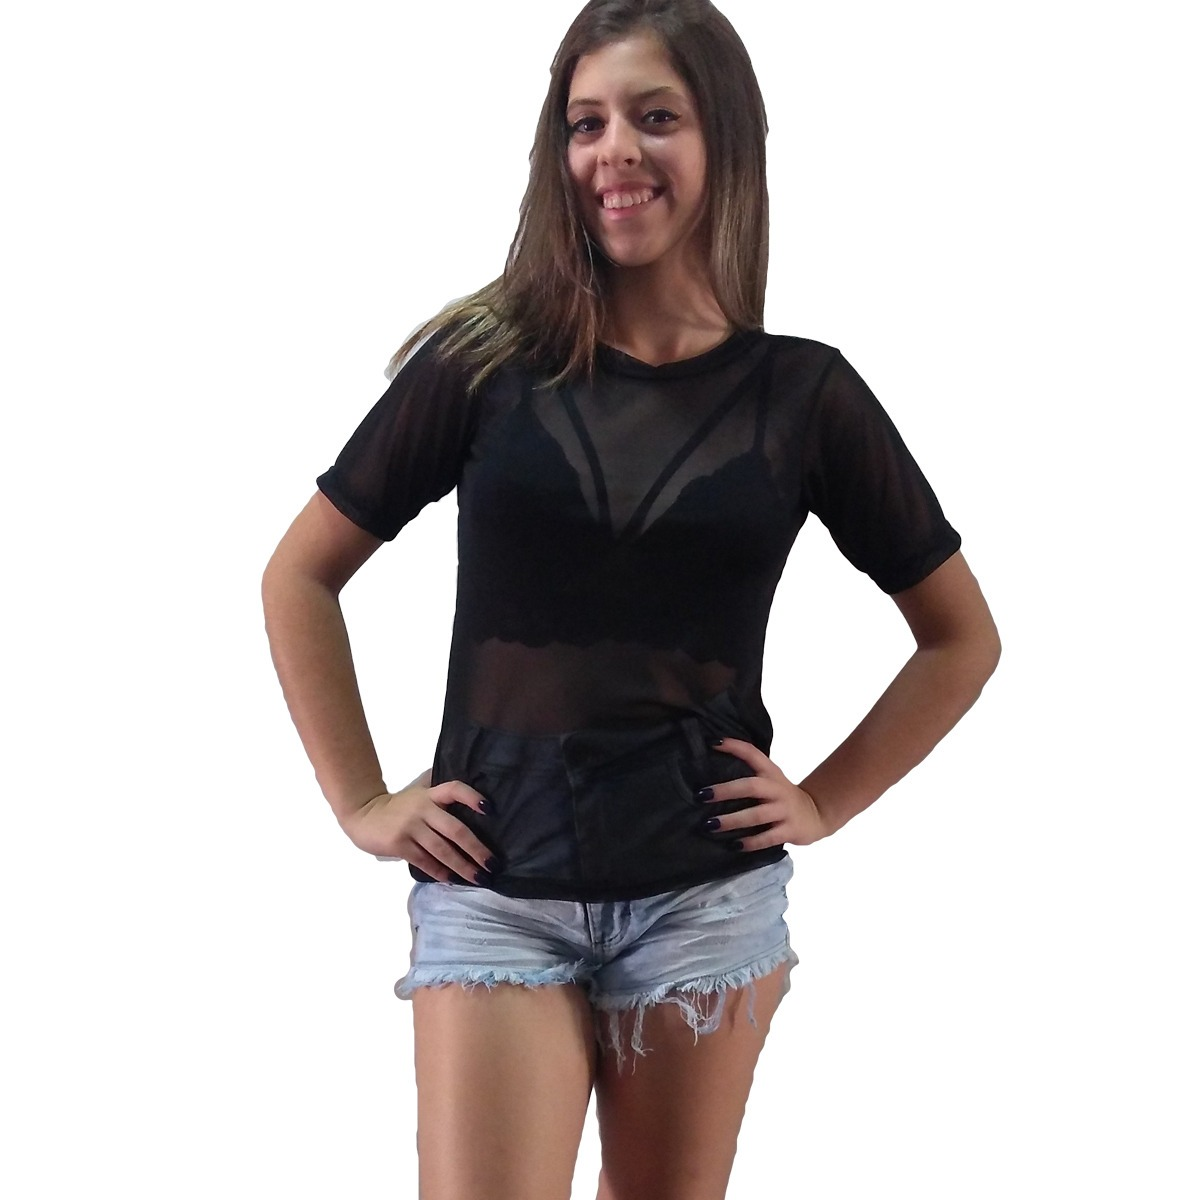 4ab96e13c02f04 Insaei Atacado & Varejo: Blusas Femininas Atacado Kit 10 Camisas ...